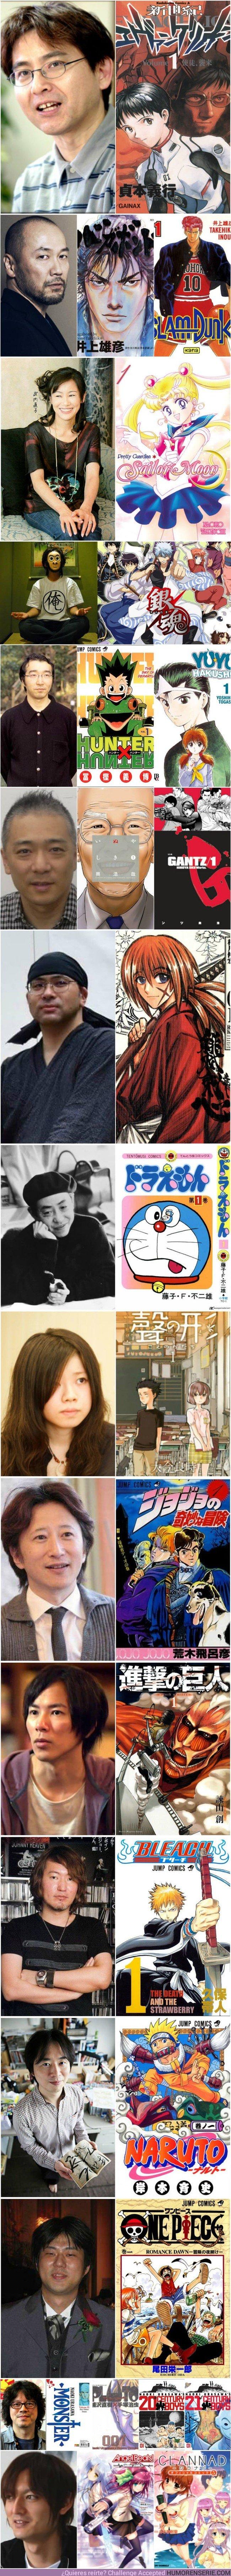 21738 - Esta es la cara de los 16 creadores de manga más famosos de la historia